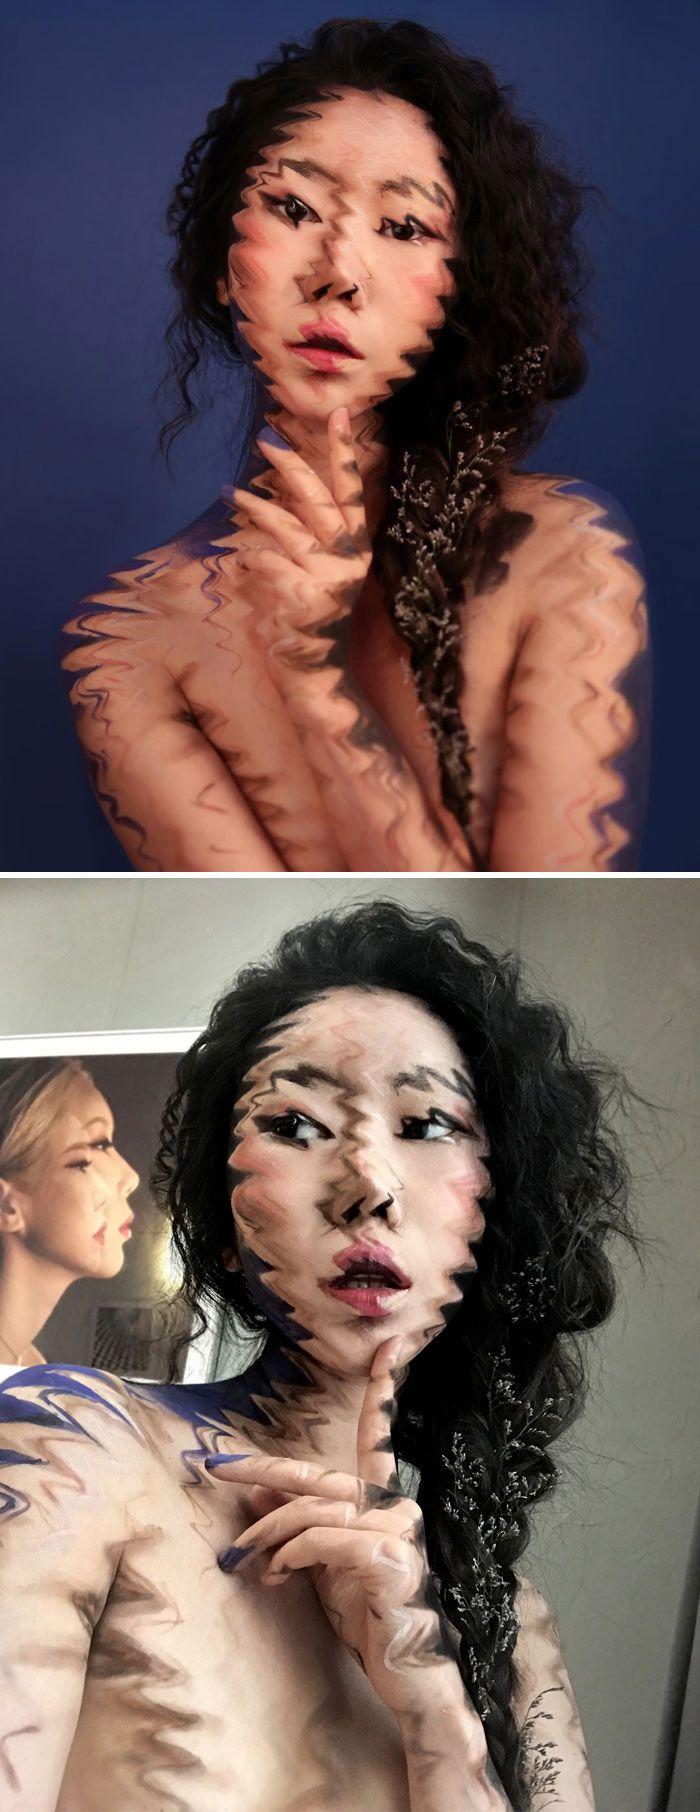 O que este artista faz com o rosto dela mexe seriamente com a sua mente (36 fotos) 18